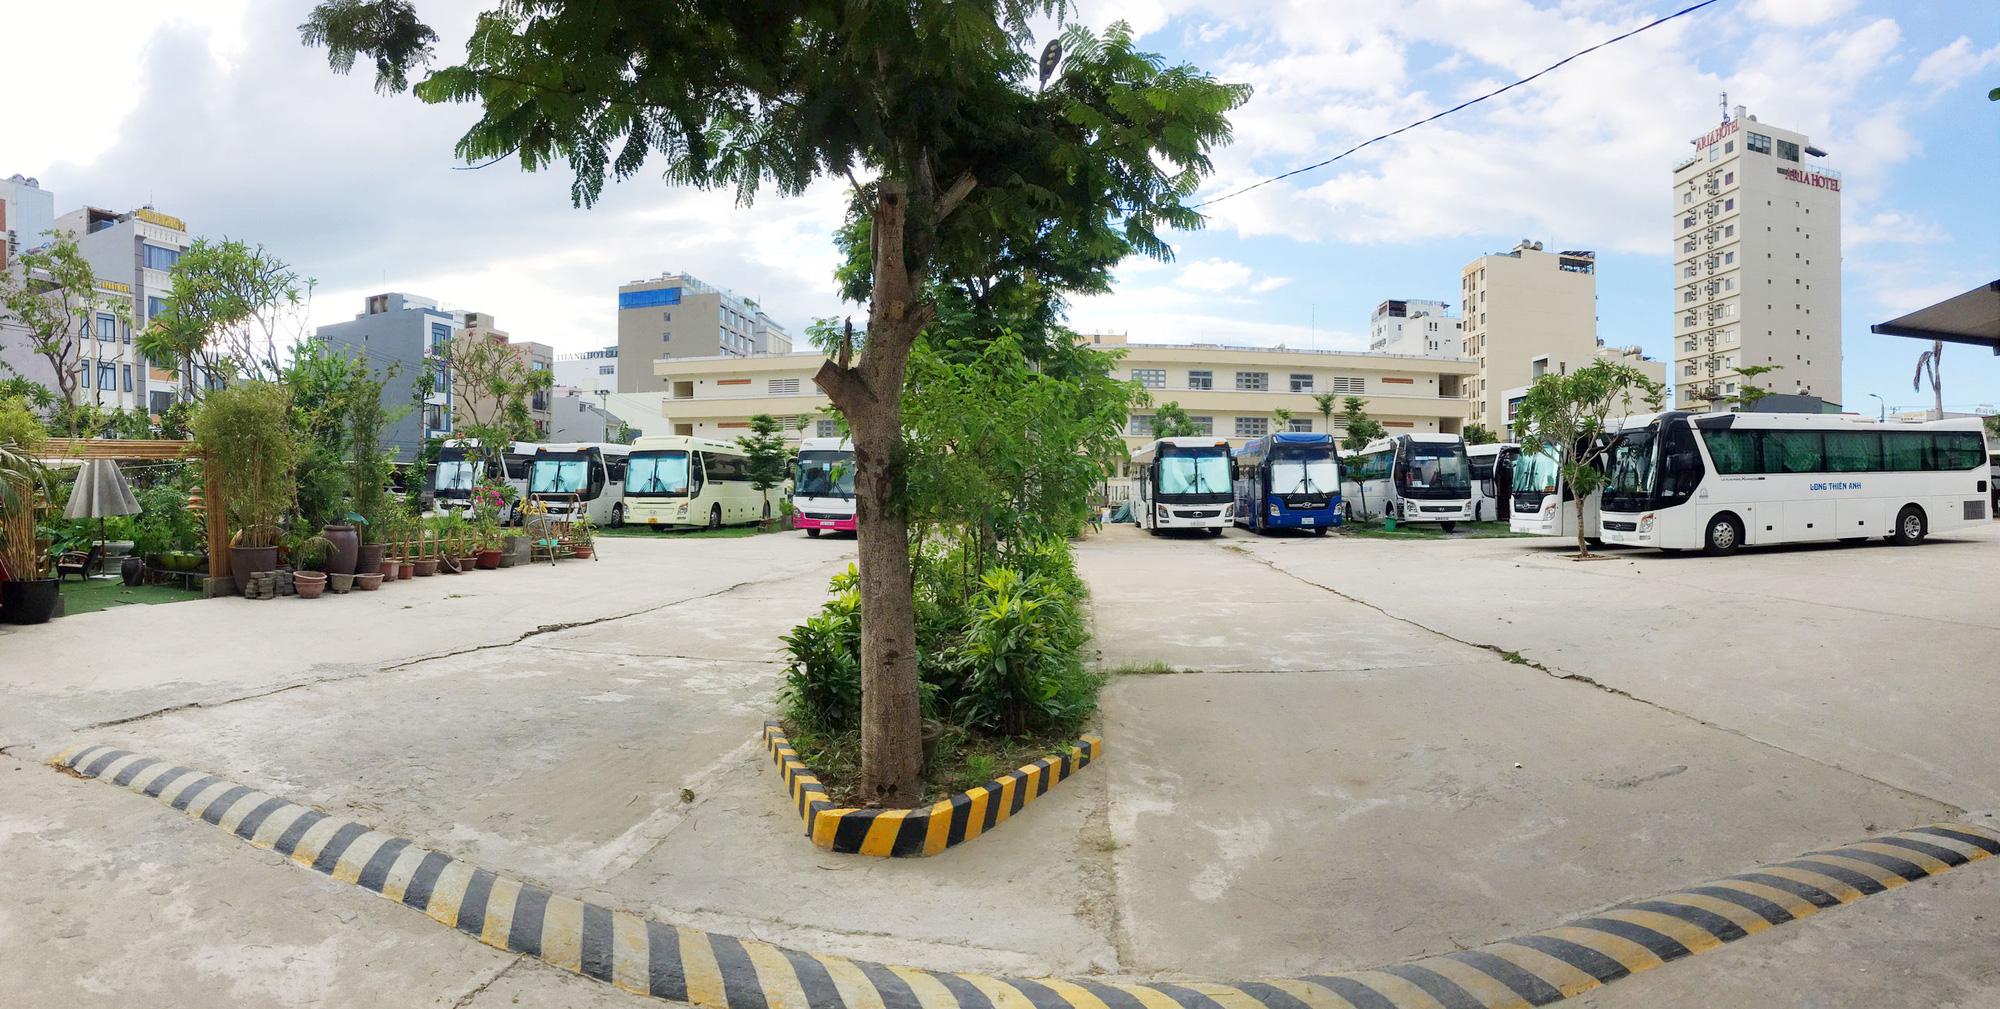 Cận cảnh hai khu đất sát bãi biển Mỹ Khê, Đà Nẵng sẽ đấu giá làm bãi đỗ xe - Ảnh 14.